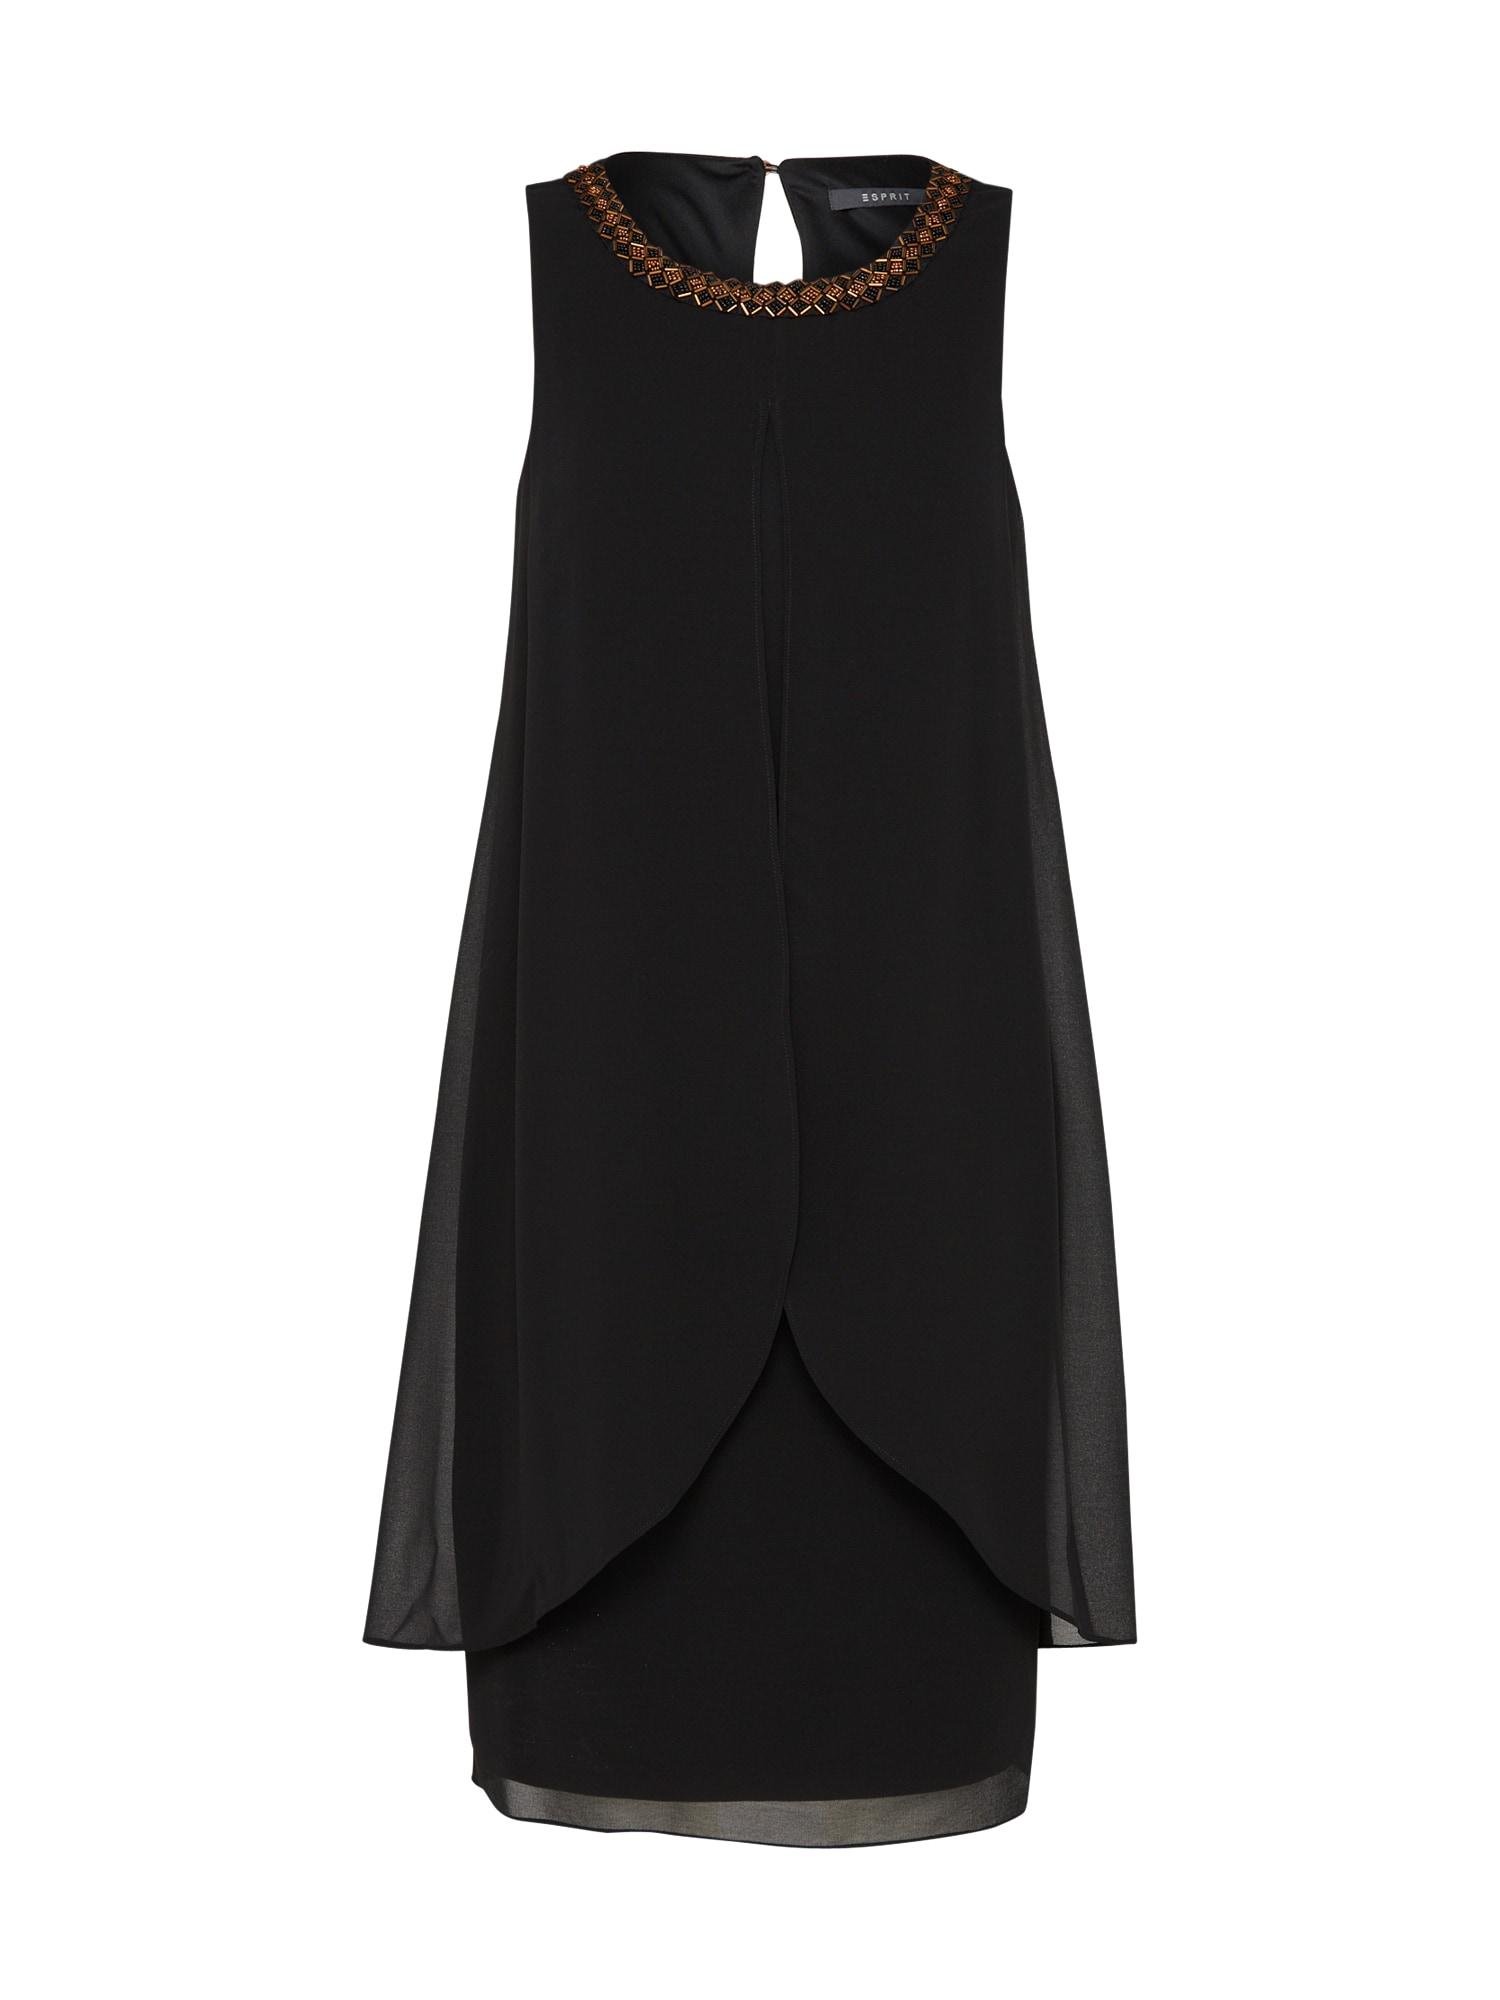 Šaty Soft Chiffon černá Esprit Collection